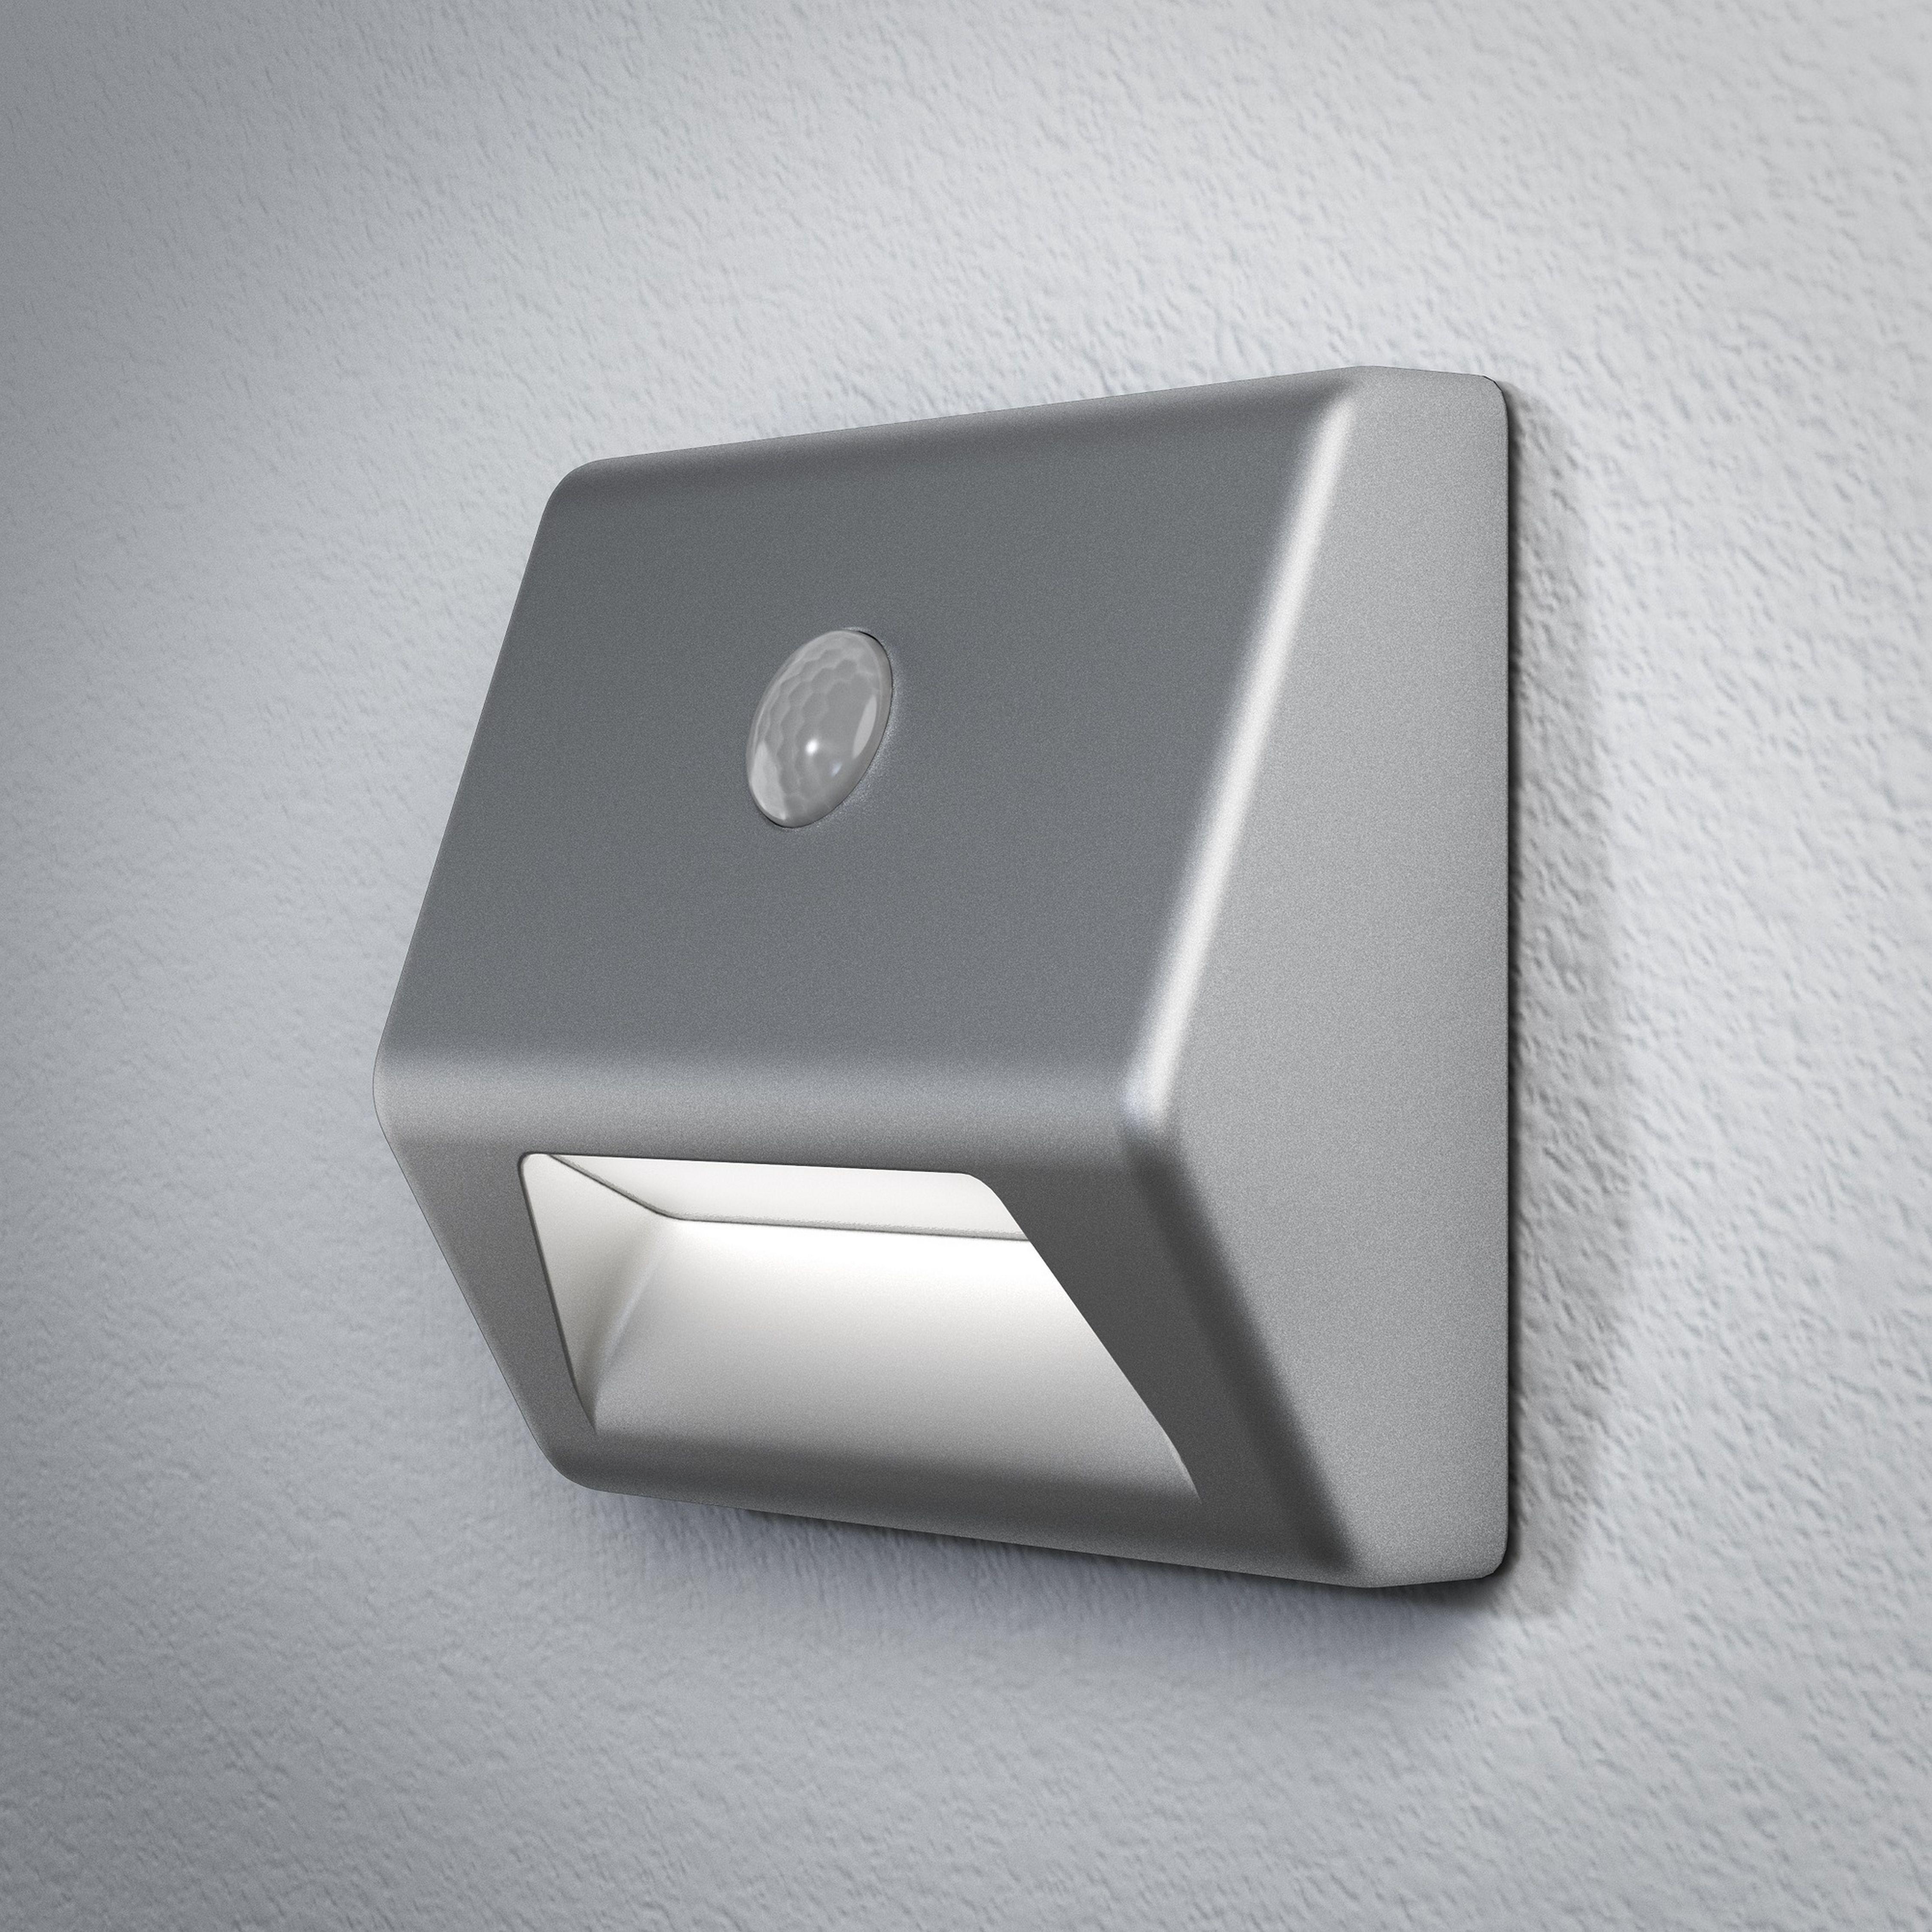 Osram Nachtlicht, batteriebetrieben, mit Licht- und Bewegungssensor »NIGHTLUX Stair« | Lampen > Kinderzimmerlampen | Abs | Osram